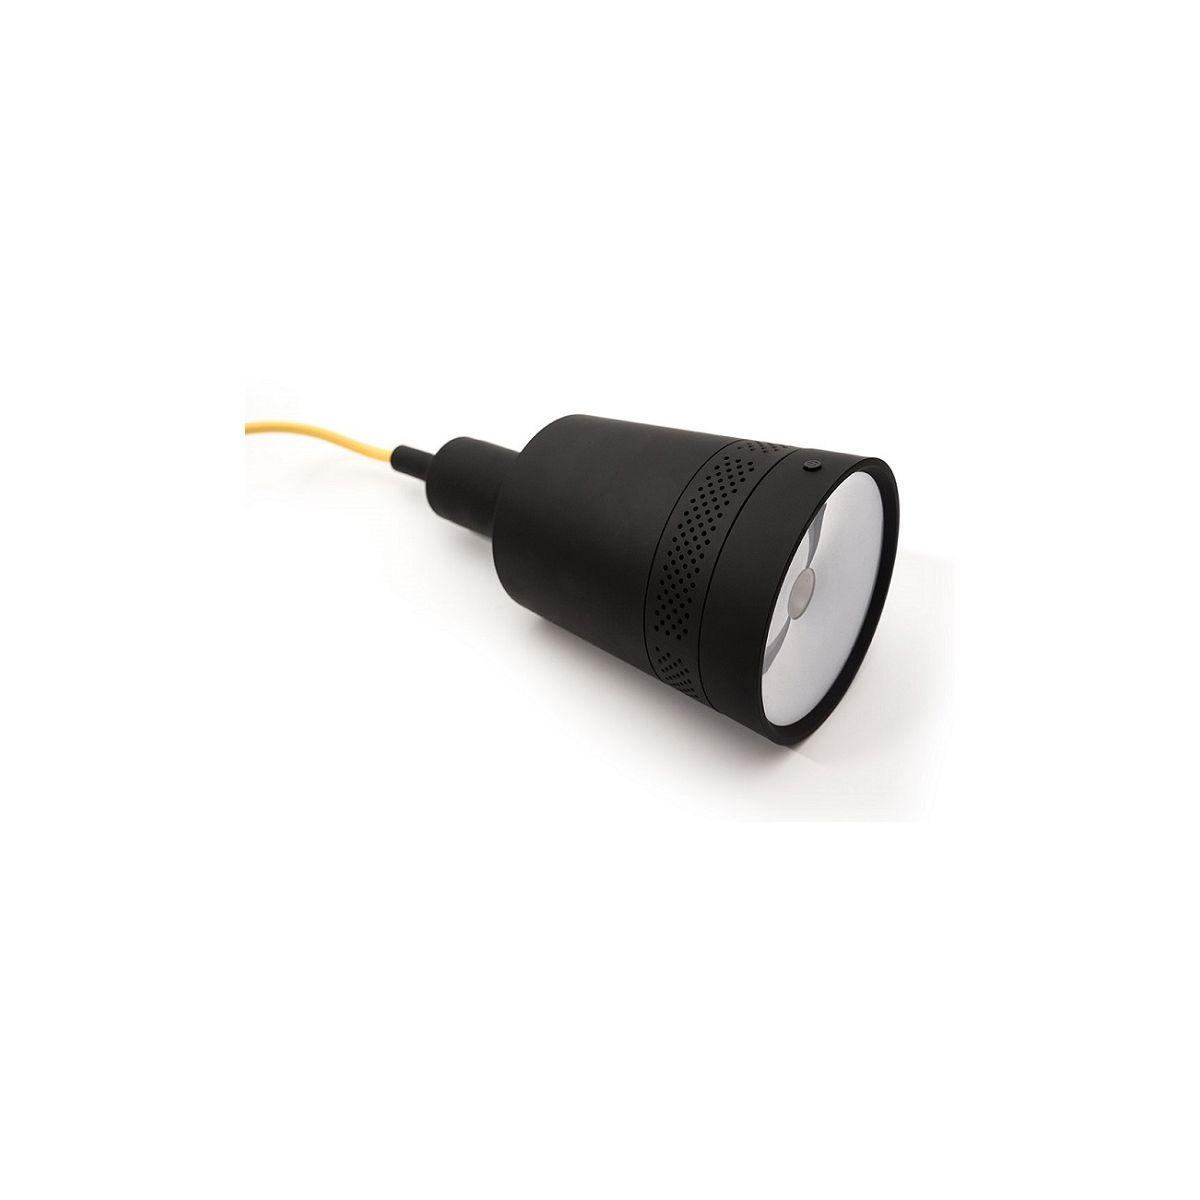 Projecteur BEAM connecté